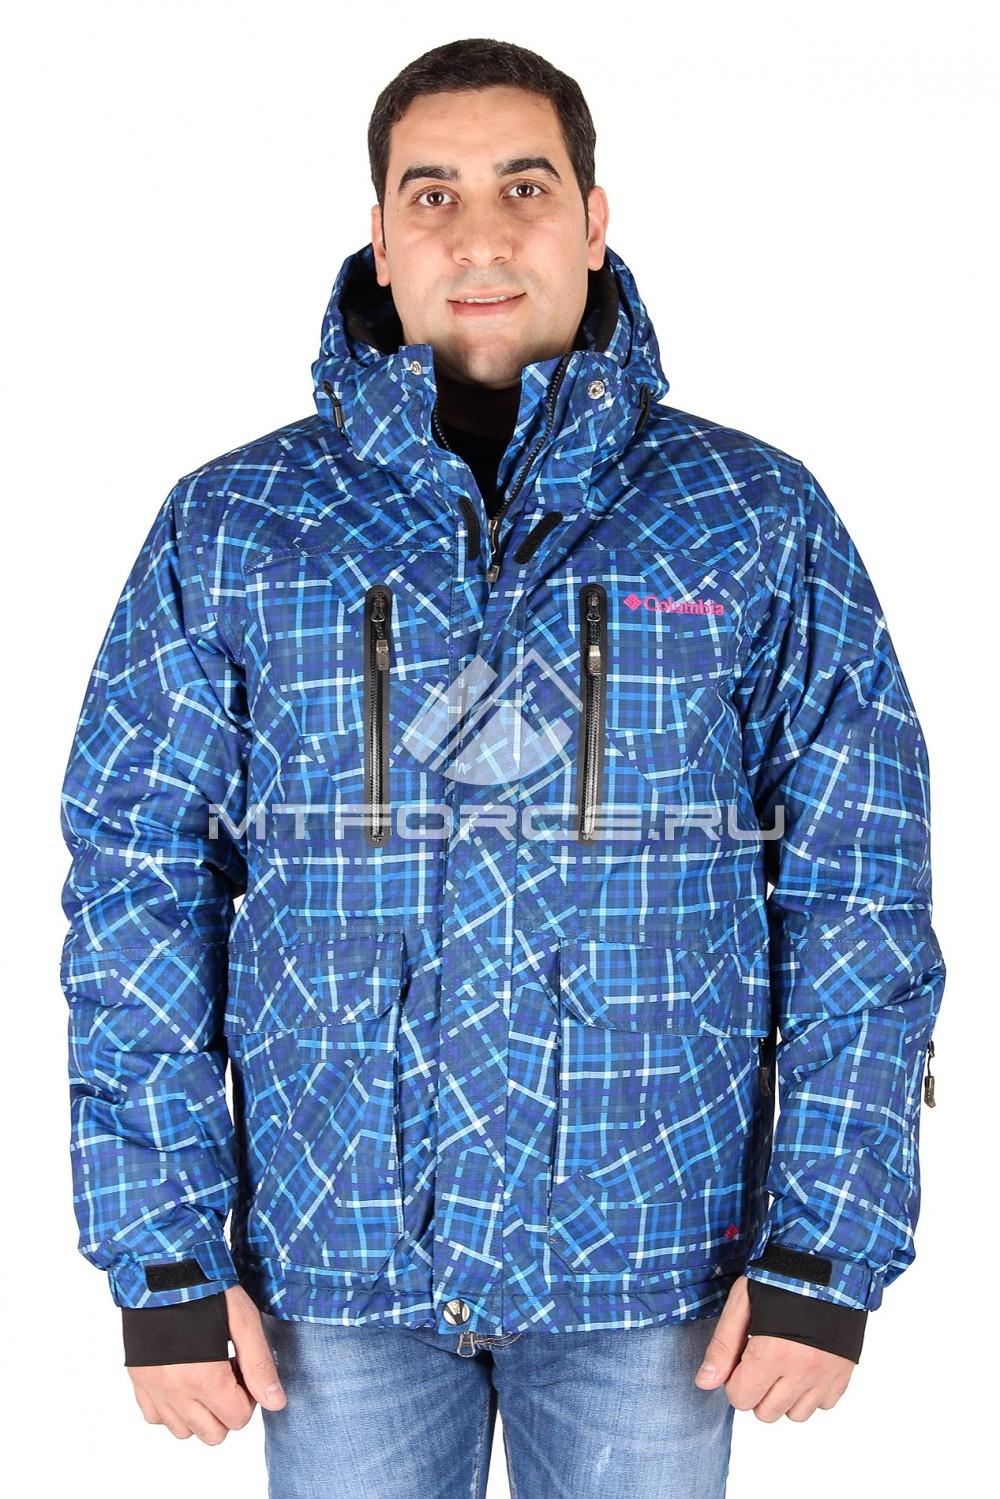 Купить                                  оптом Куртка спортивная зимняя мужская синего цвета 4008S в Санкт-Петербурге